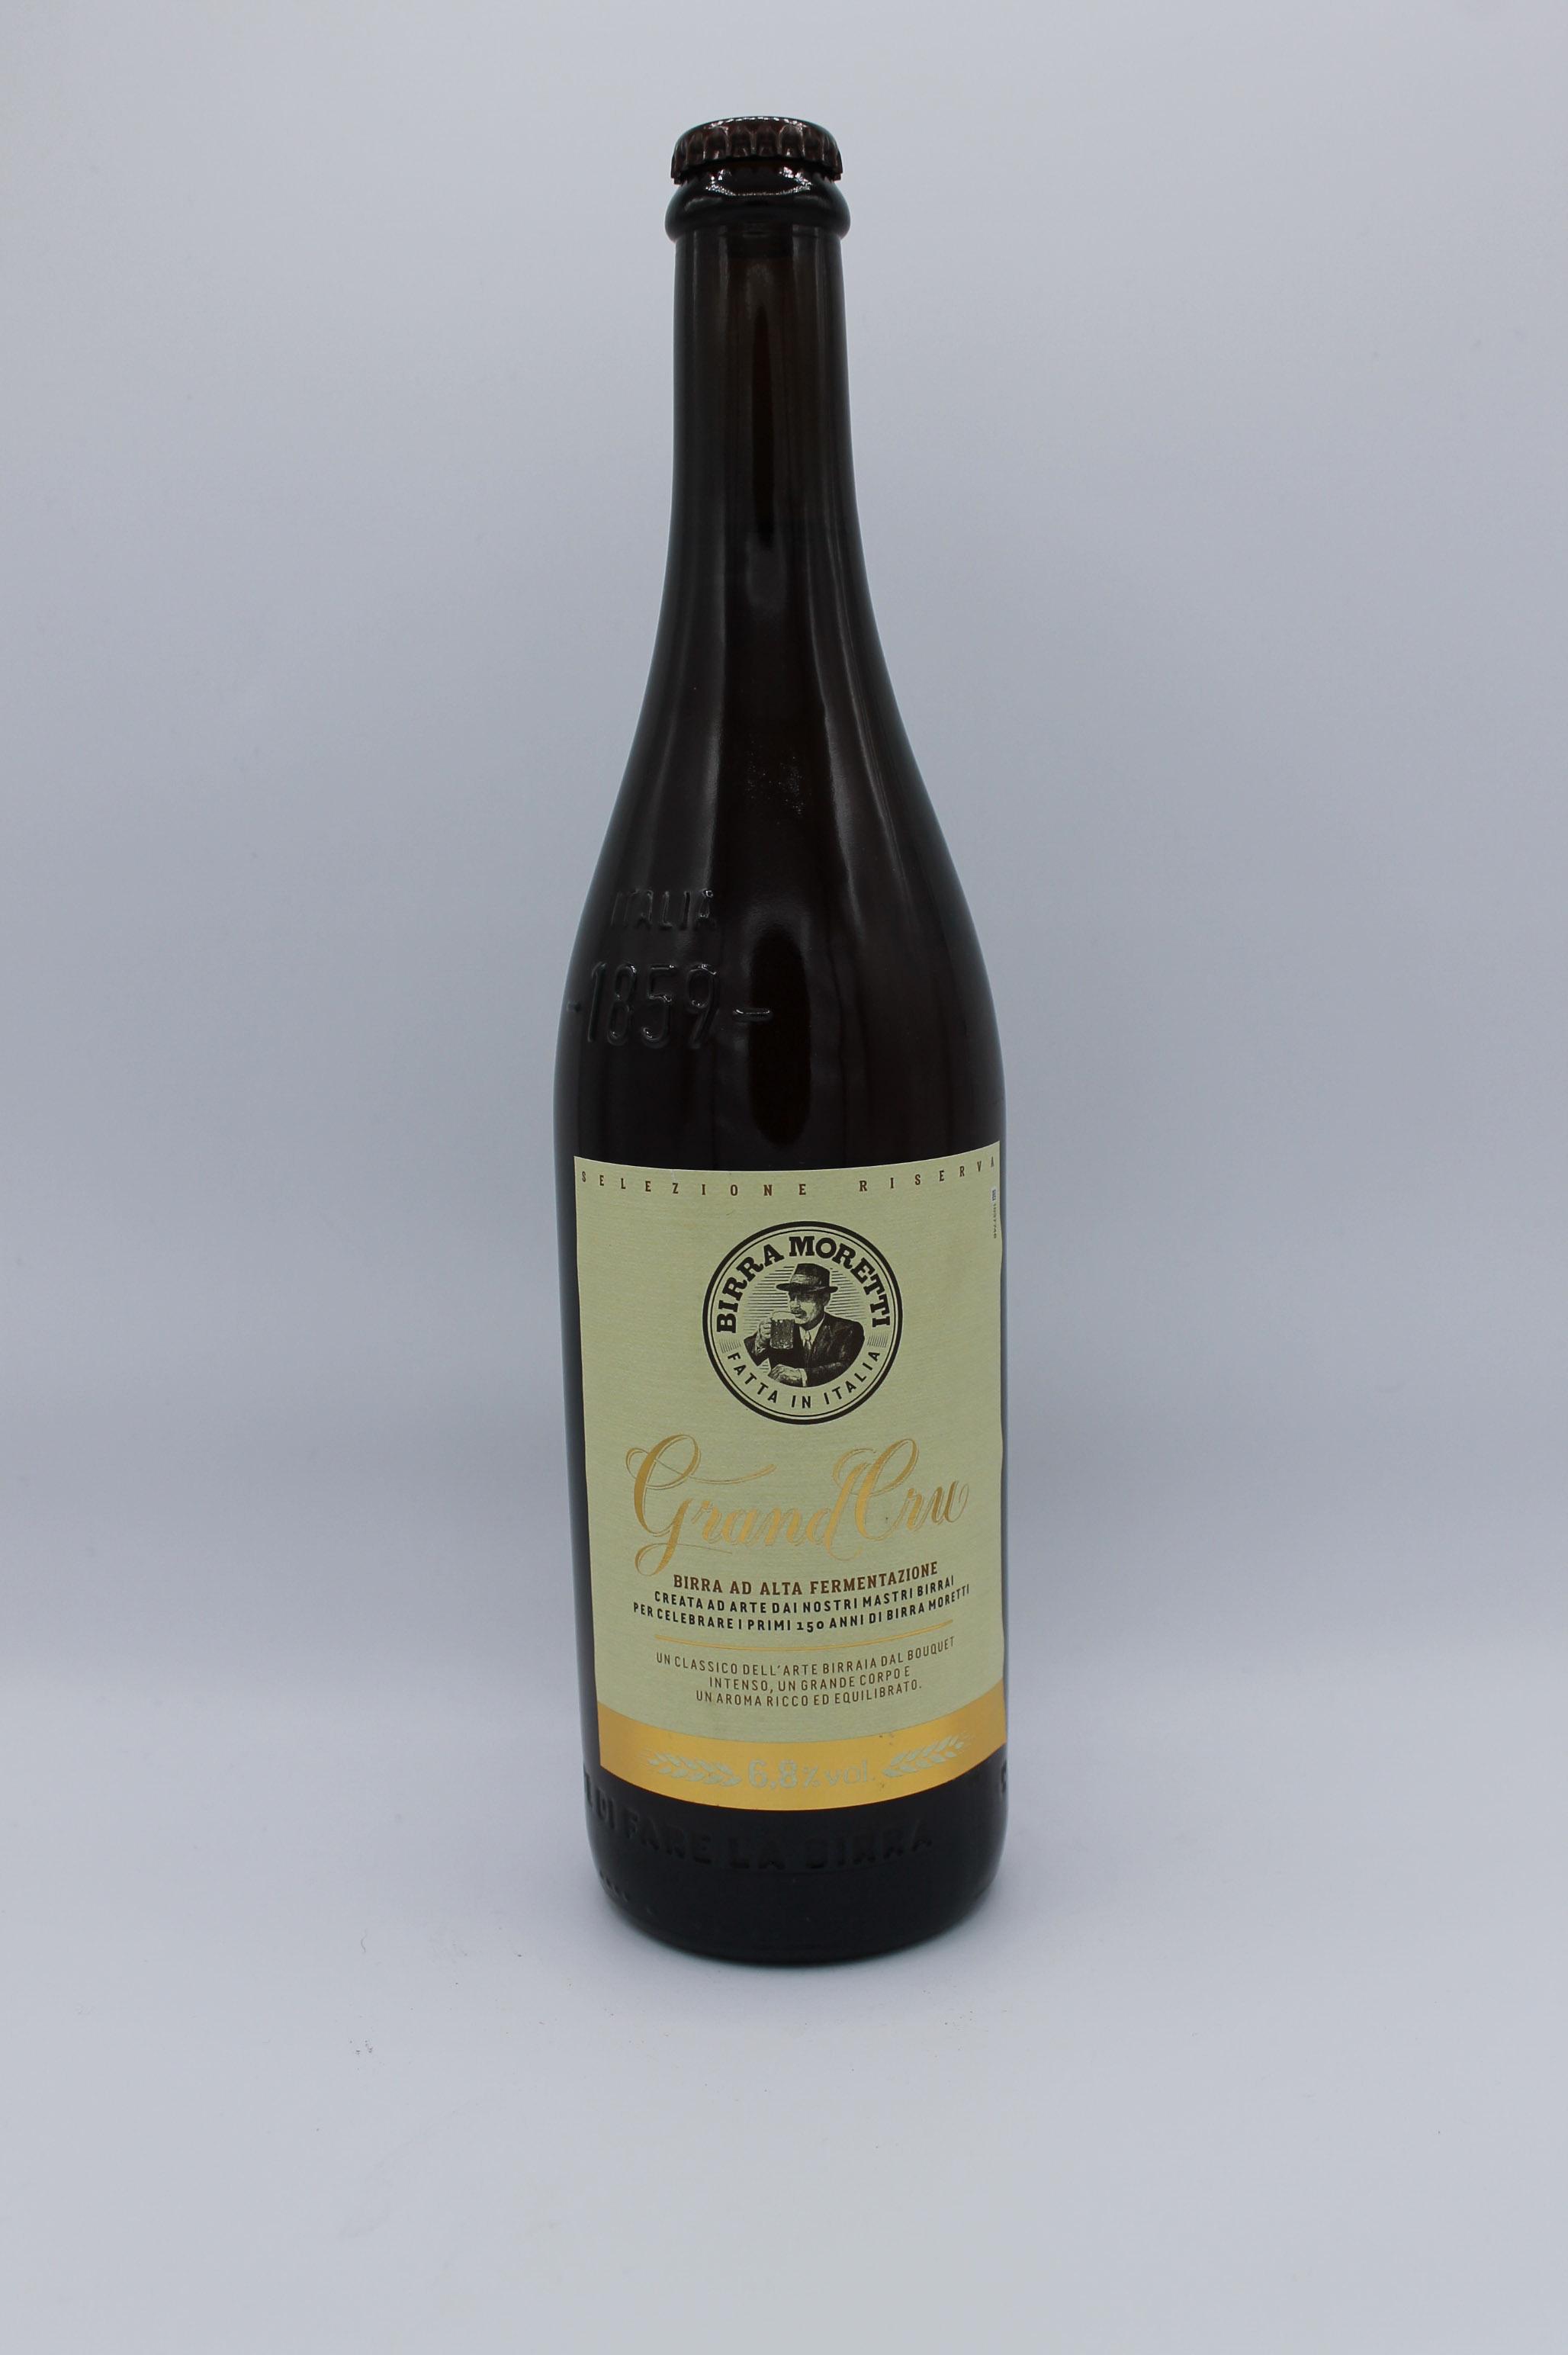 Birra moretti birra grand cru 750ml.